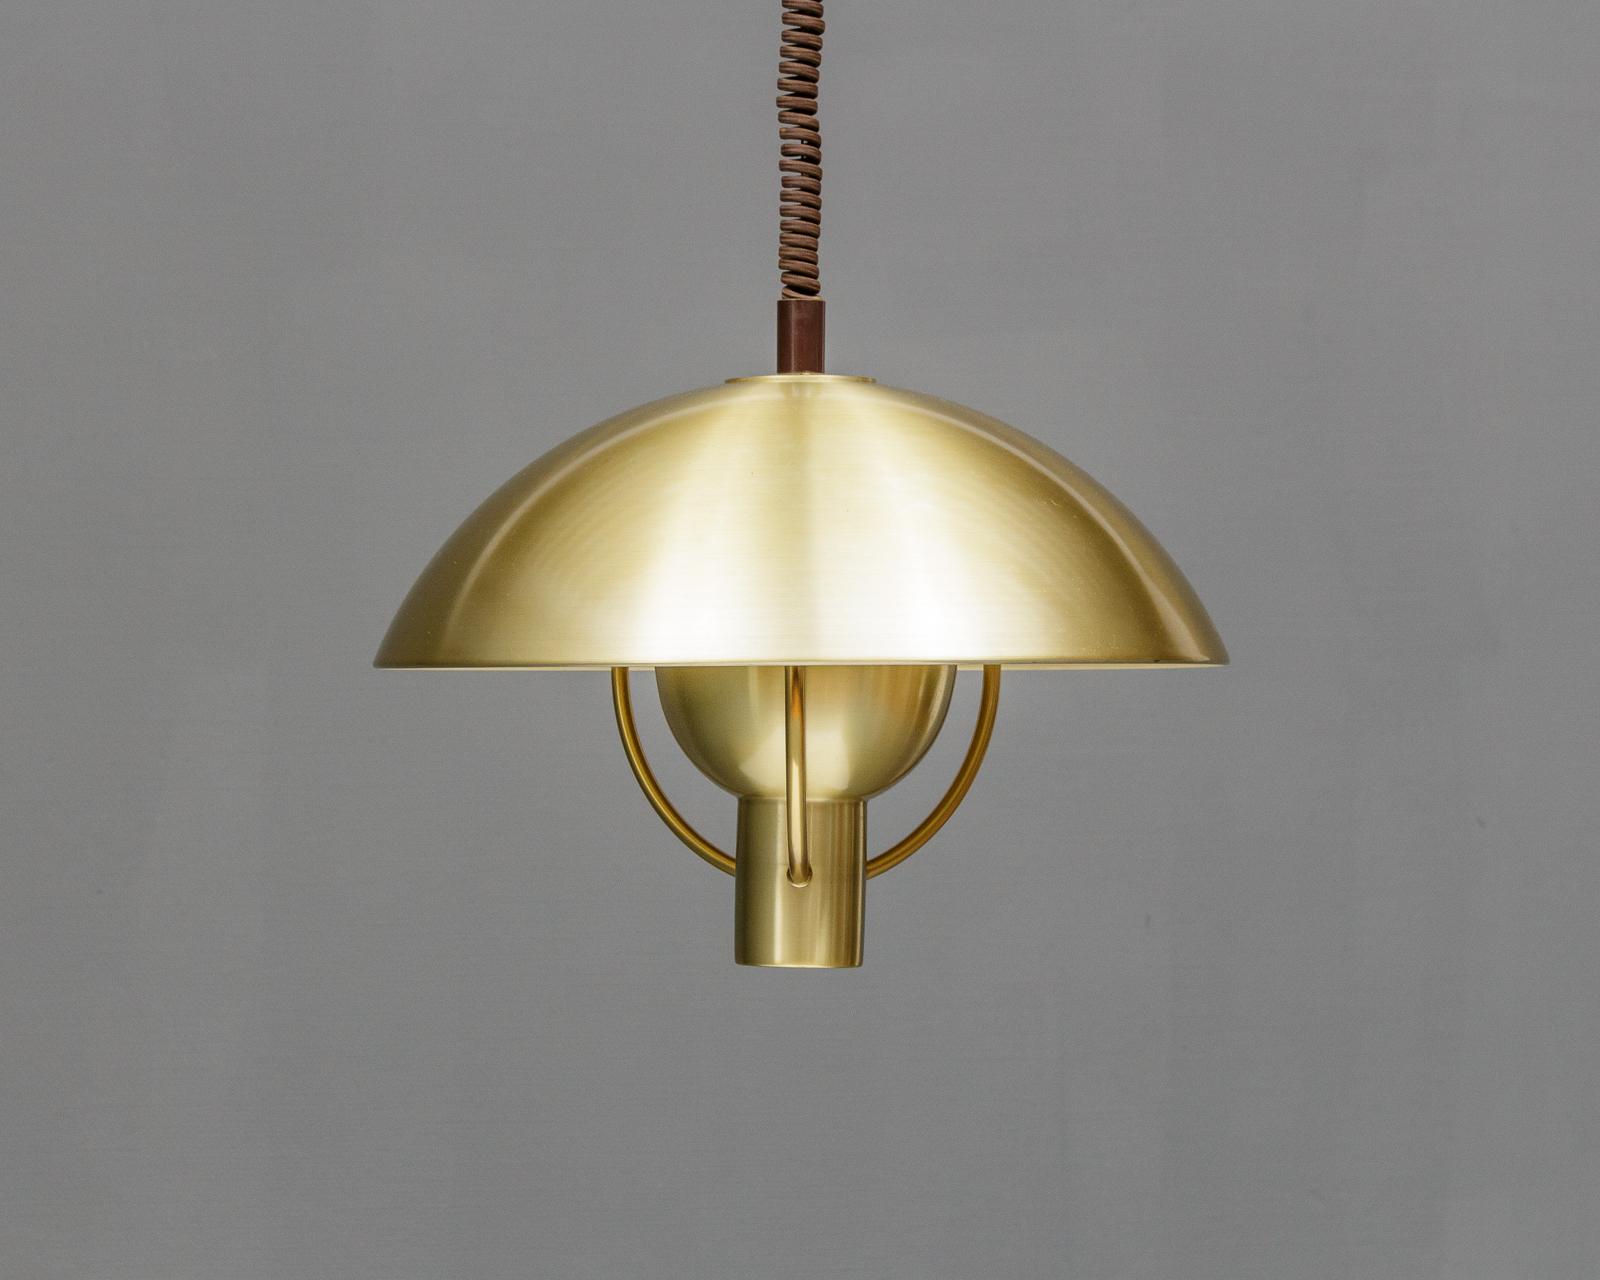 Pendel af messing 1960érne - Pendel af messing Ø 45 cm h. ca. 35 cm uden montering. Lette brugsspor 1960érne